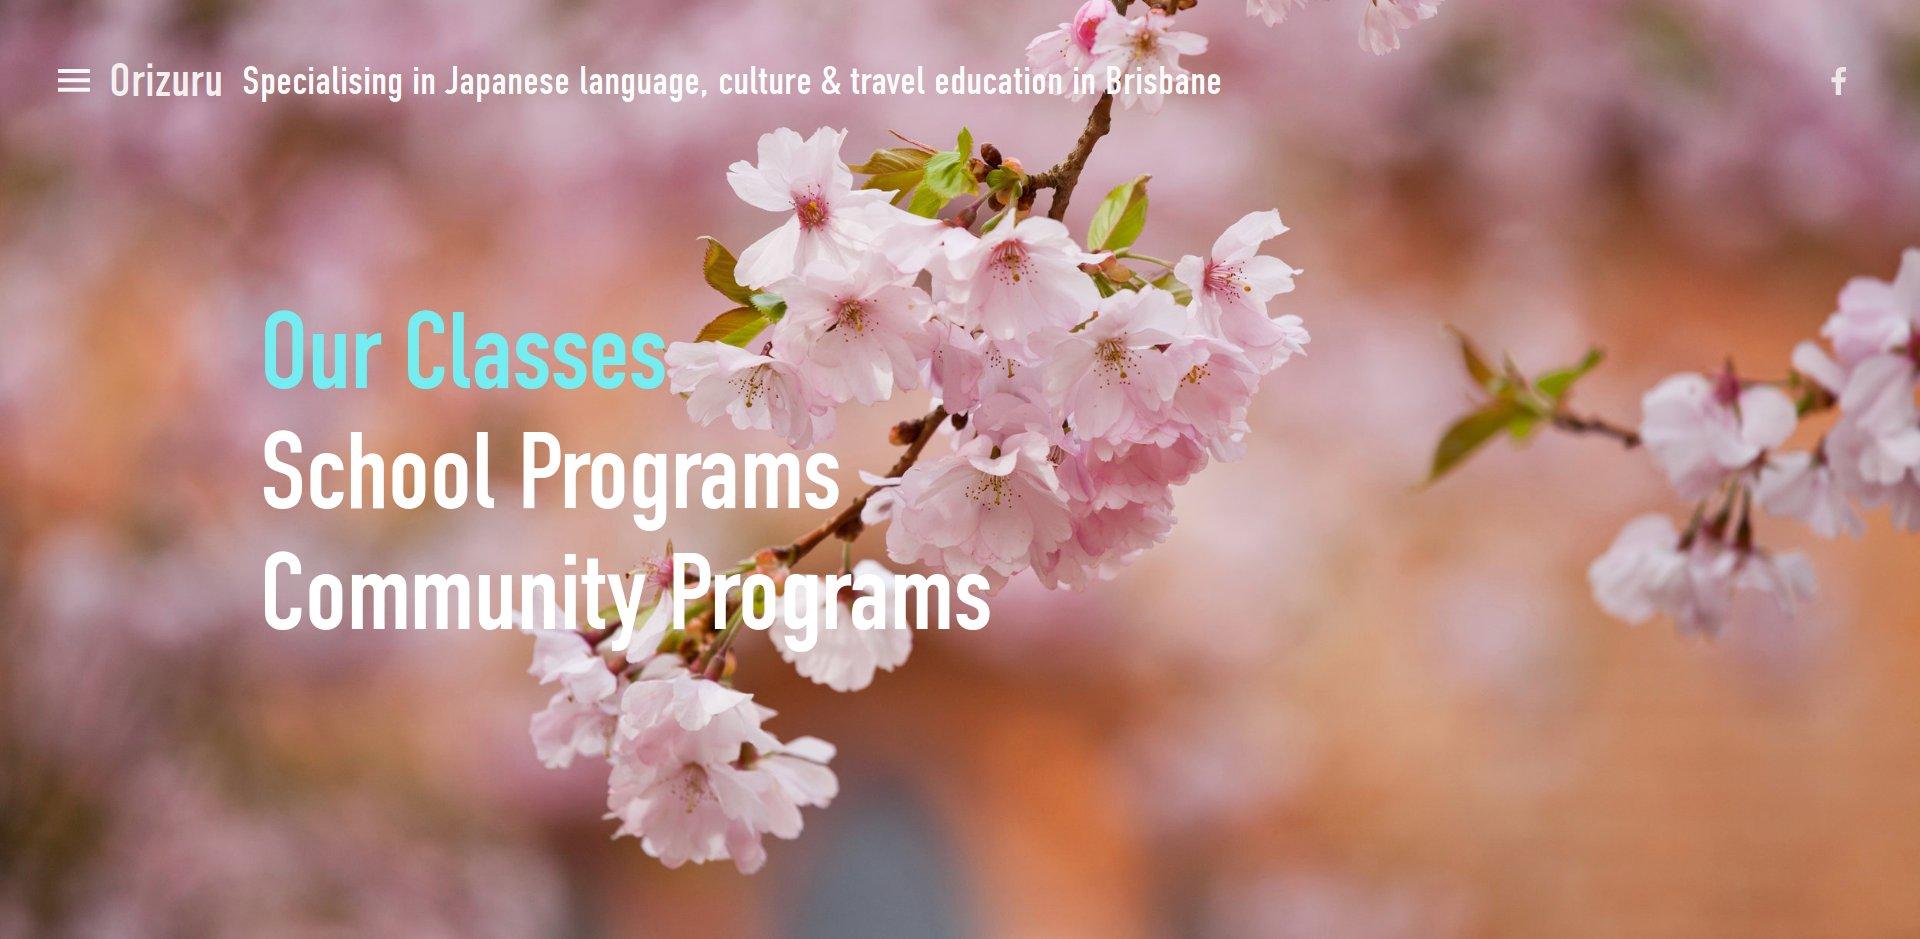 Orizuru - Specialising in Japanese language, culture & travel education.